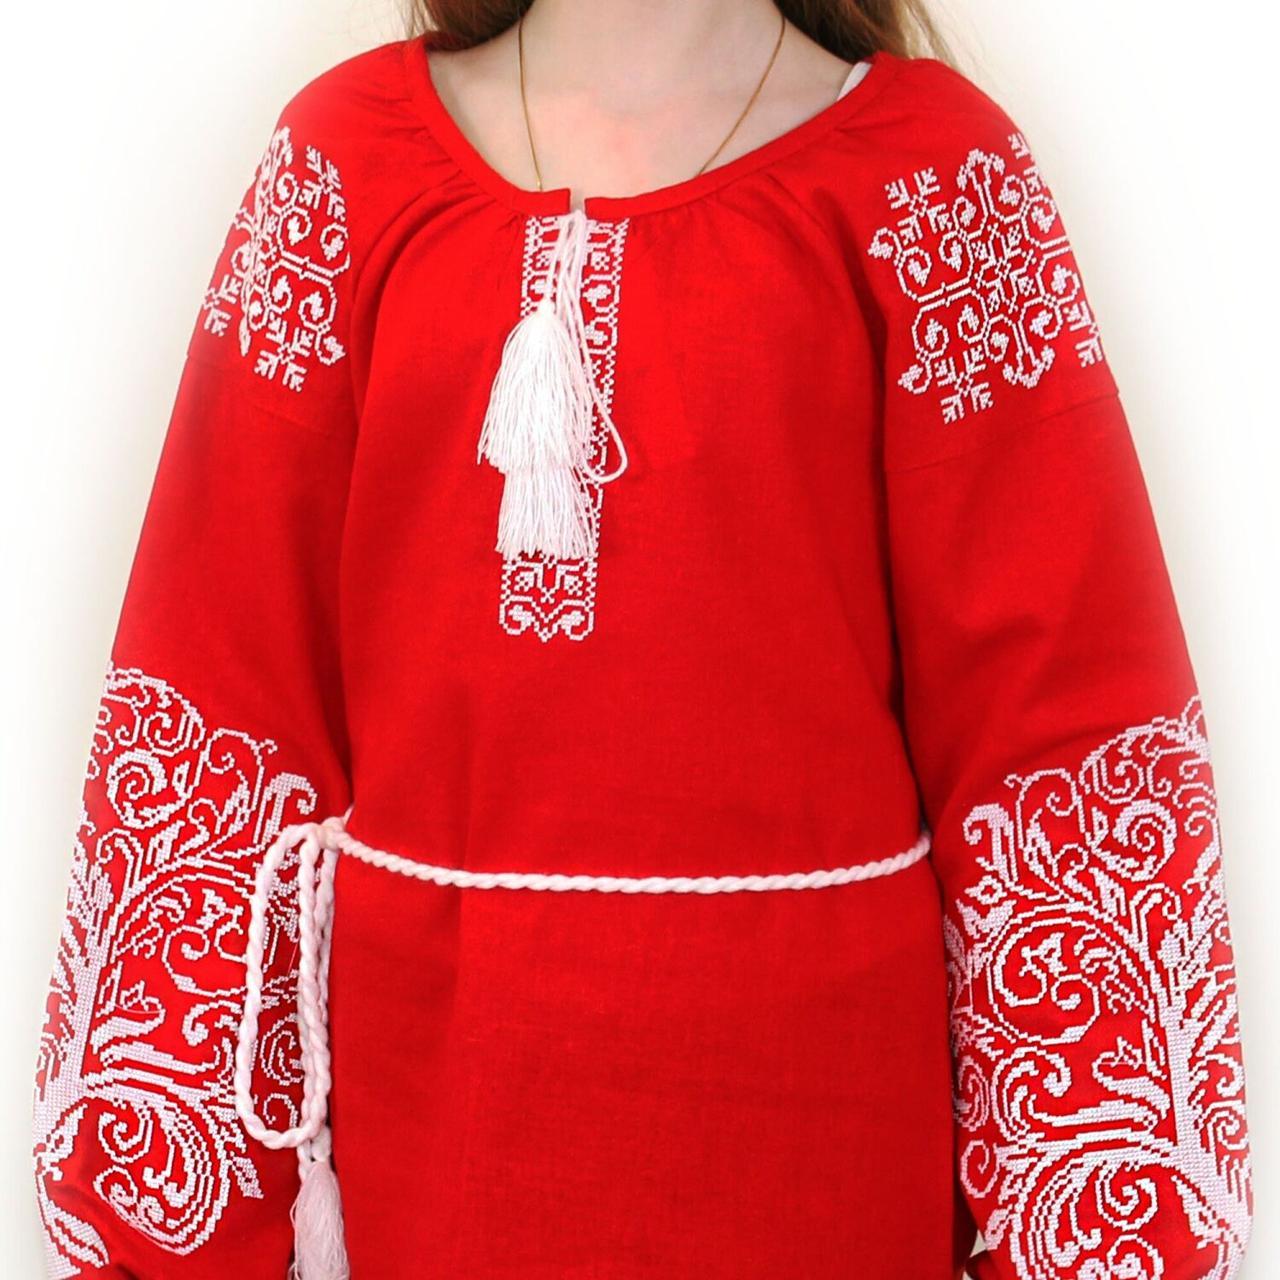 """Вышитая блуза """"Ольга"""" (красный лен) с белой вышивкой, S"""